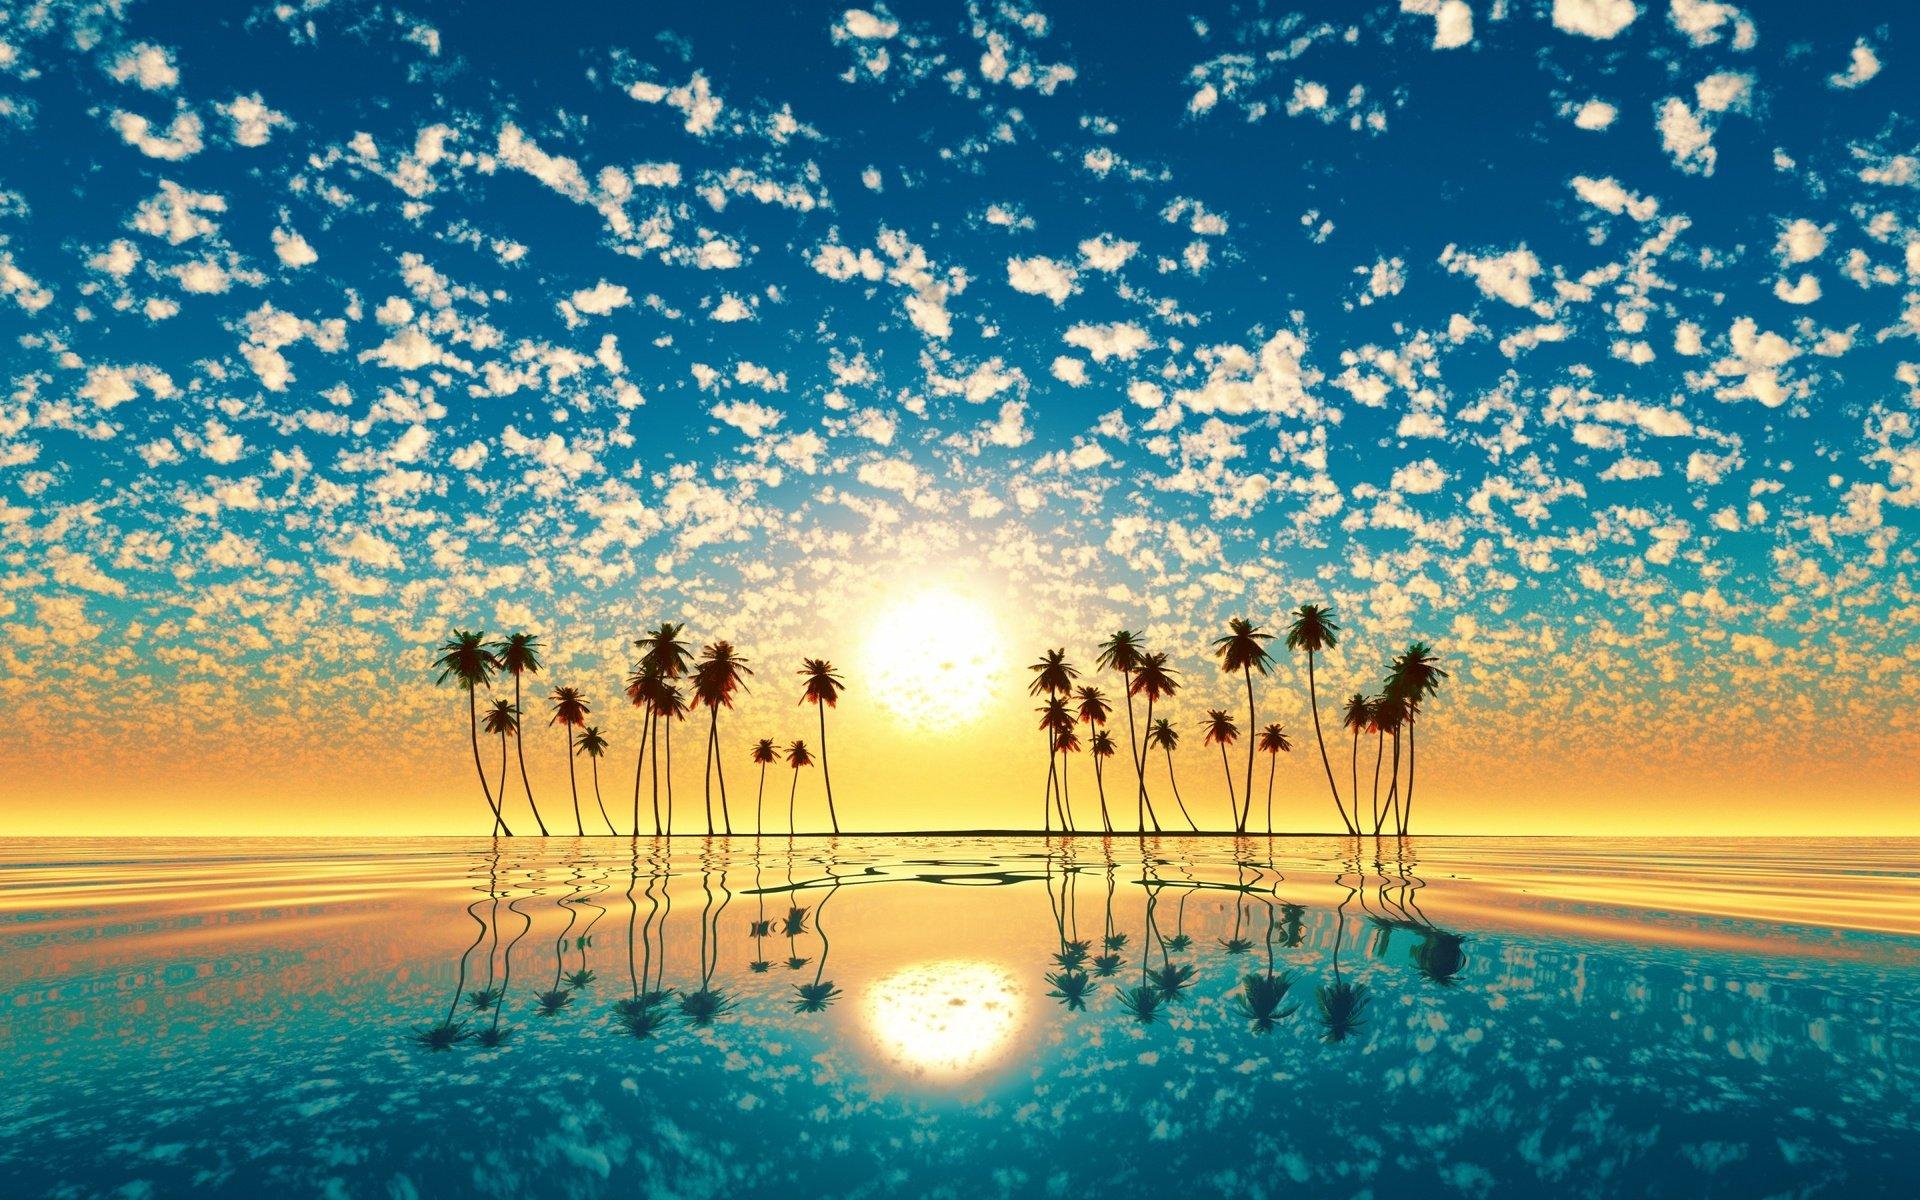 высоком картинки теплого моря и яркого солнца изготовления кувшинки пластиковых